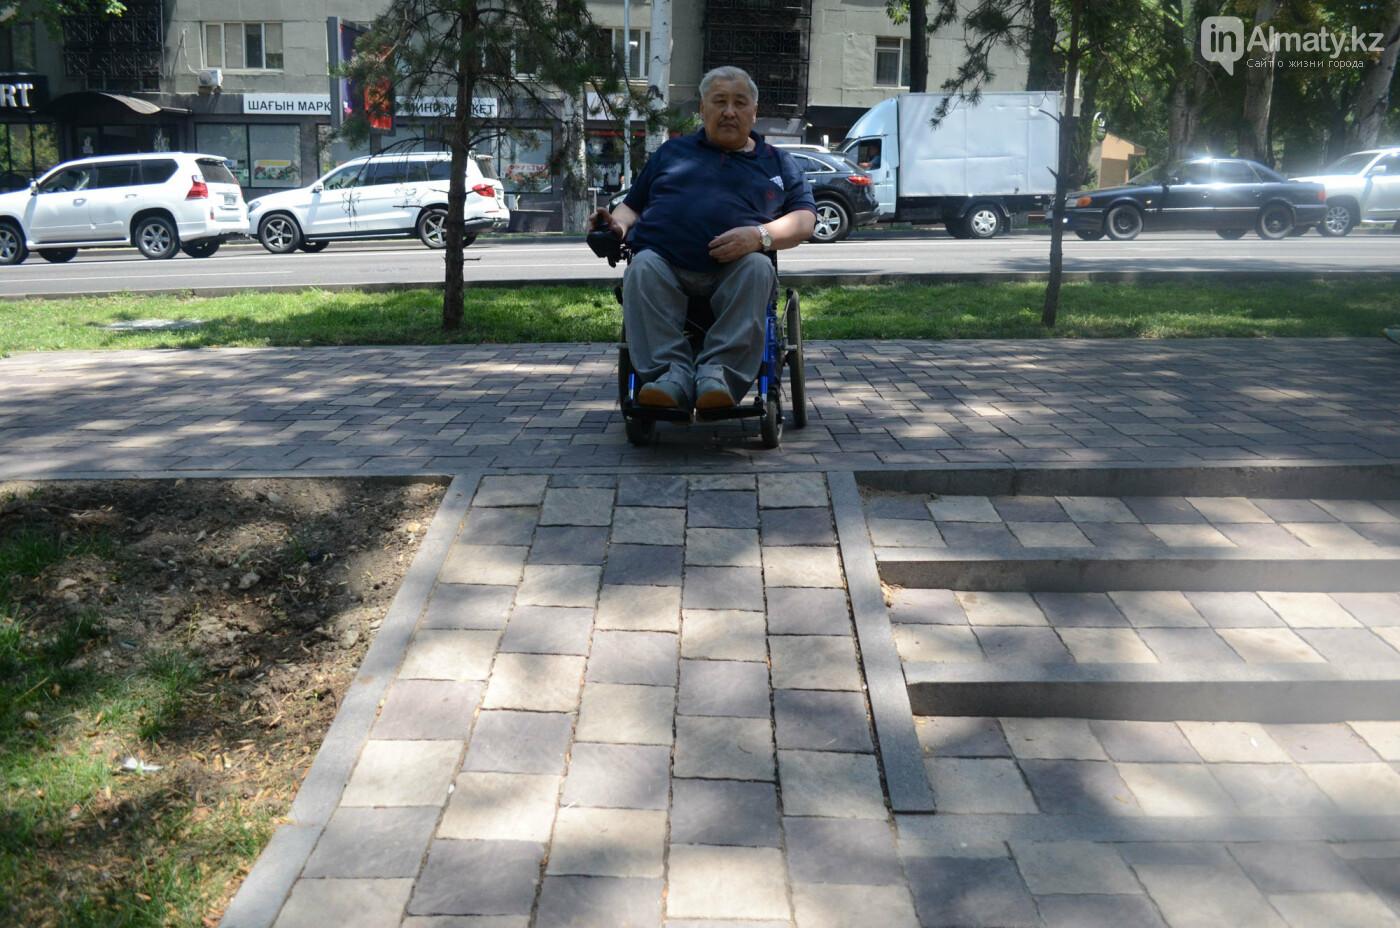 Недоступная среда: Почему реконструированная пешеходная зона по Назарбаева неудобна для инвалидов, фото-7